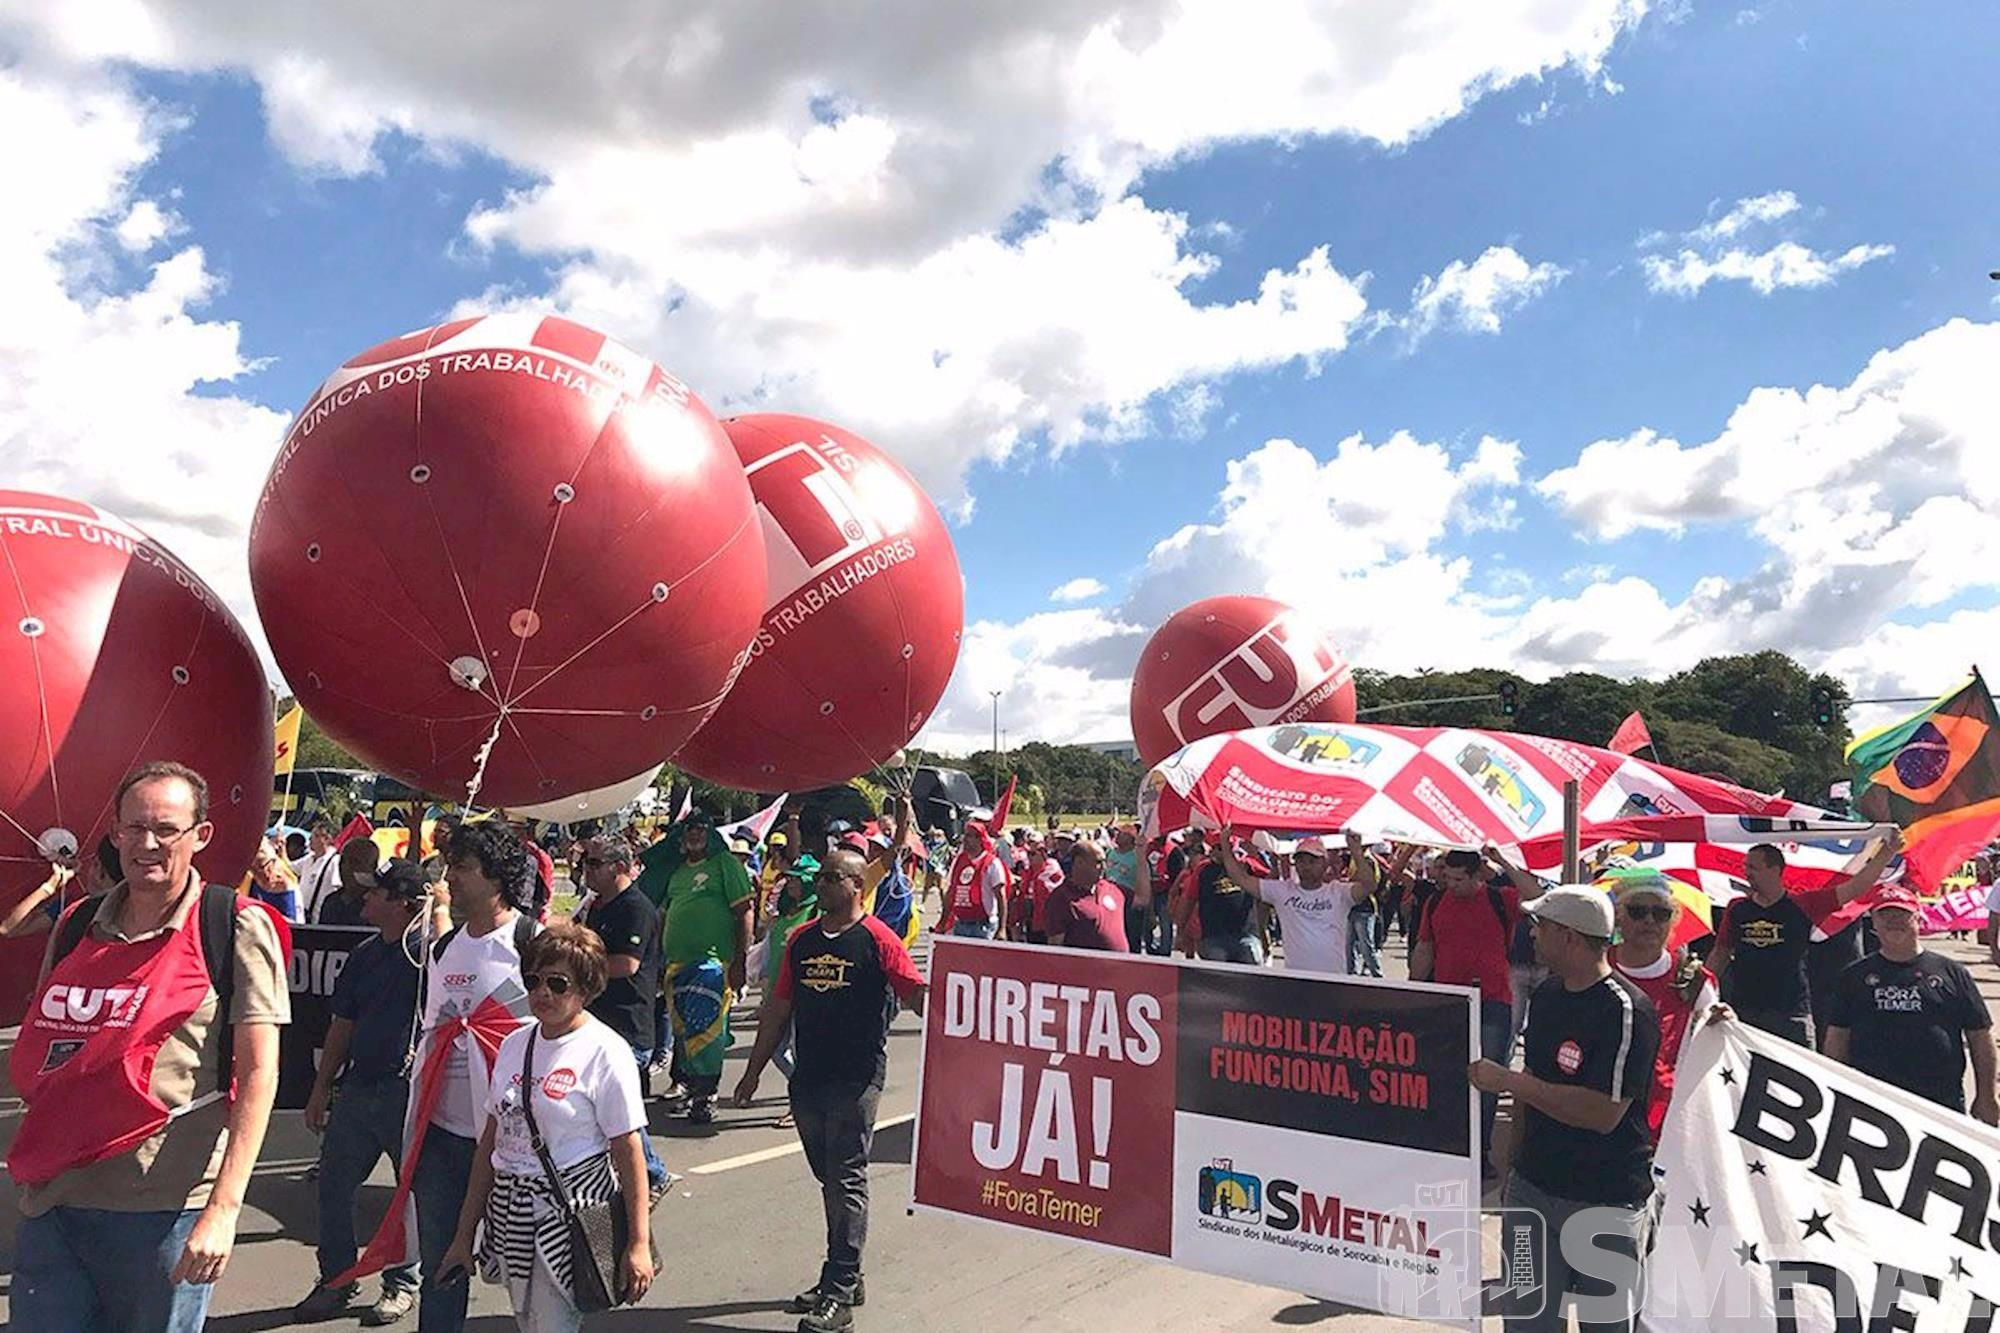 brasília, diretas já, fora temer, taxas sindicais, reformas, Imprensa SMetal